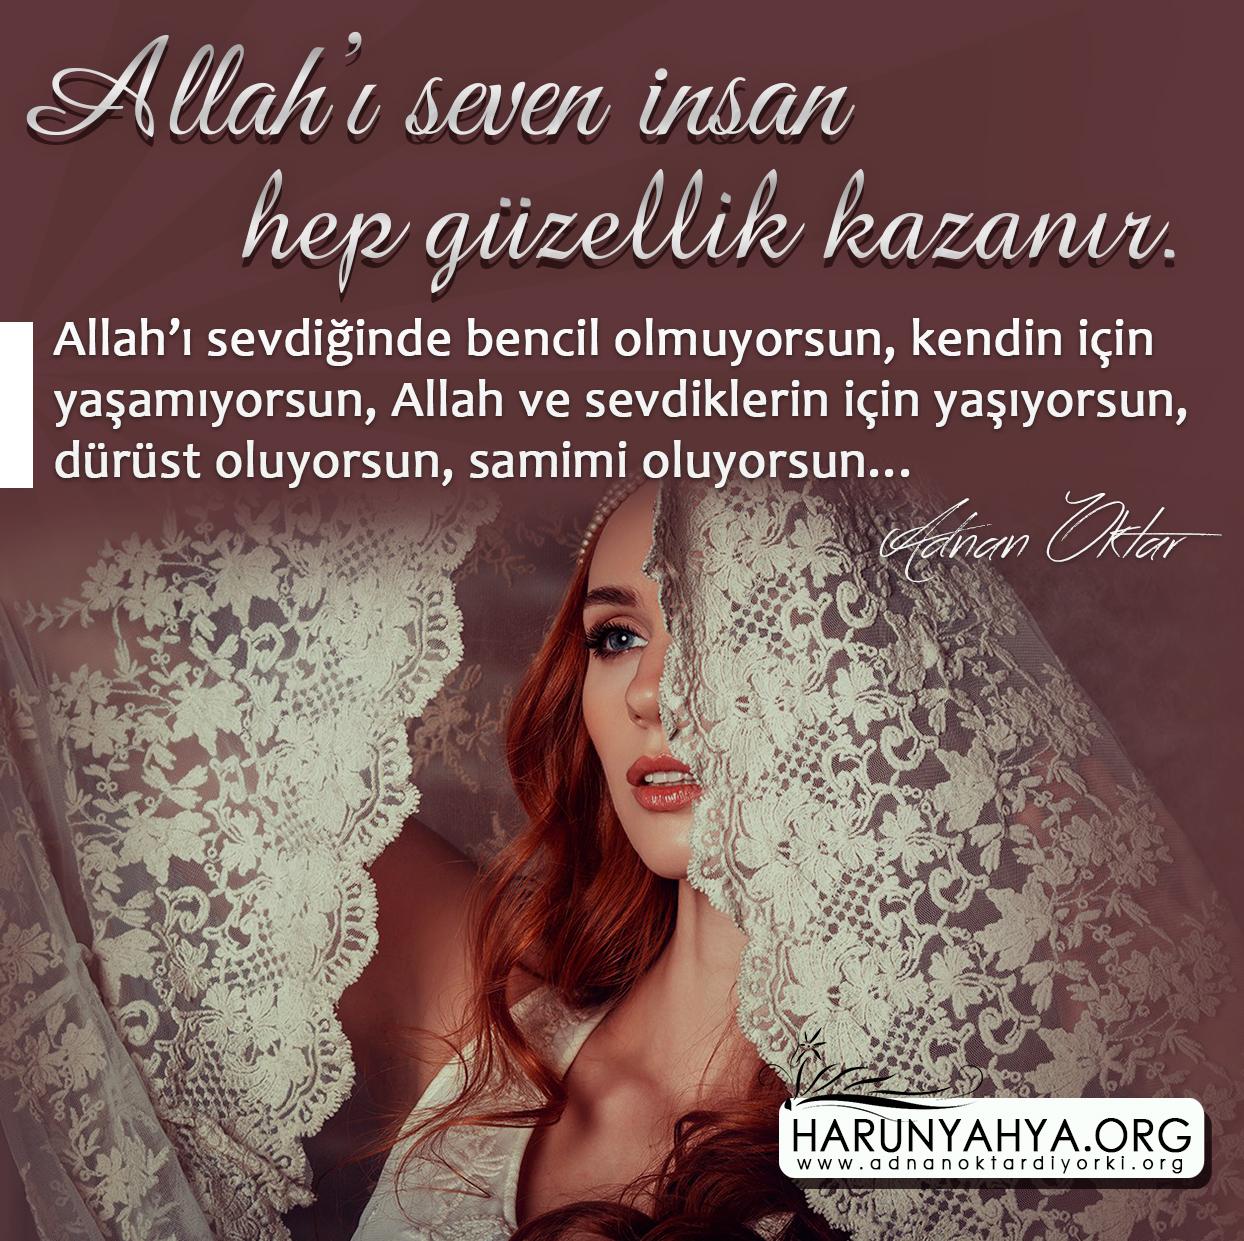 """<table style=""""width: 100%;""""><tr><td style=""""vertical-align: middle;"""">Allah'ı seven insan hep güzellik kazanır. Allah'ı sevdiğinde bencil olmuyorsun, kendin için yaşamıyorsun, Allah ve sevdiklerin için yaşıyorsun, dürüst oluyorsun, samimi oluyorsun… Bunların hepsi Allah'ı düşündüğünde kazandığın güzellikler. </td><td style=""""max-width: 70px;vertical-align: middle;""""> <a href=""""/downloadquote.php?filename=152386286367.jpg""""><img class=""""hoversaturate"""" height=""""20px"""" src=""""/assets/images/download-iconu.png"""" style=""""width: 48px; height: 48px;"""" title=""""Resmi İndir""""/></a></td></tr></table>"""